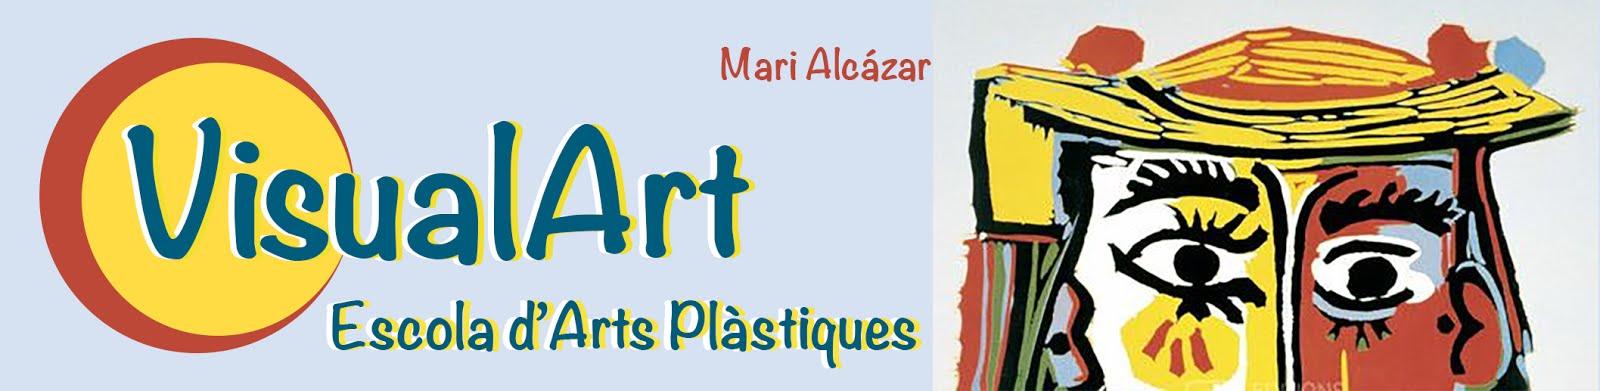 Mari Alcázar